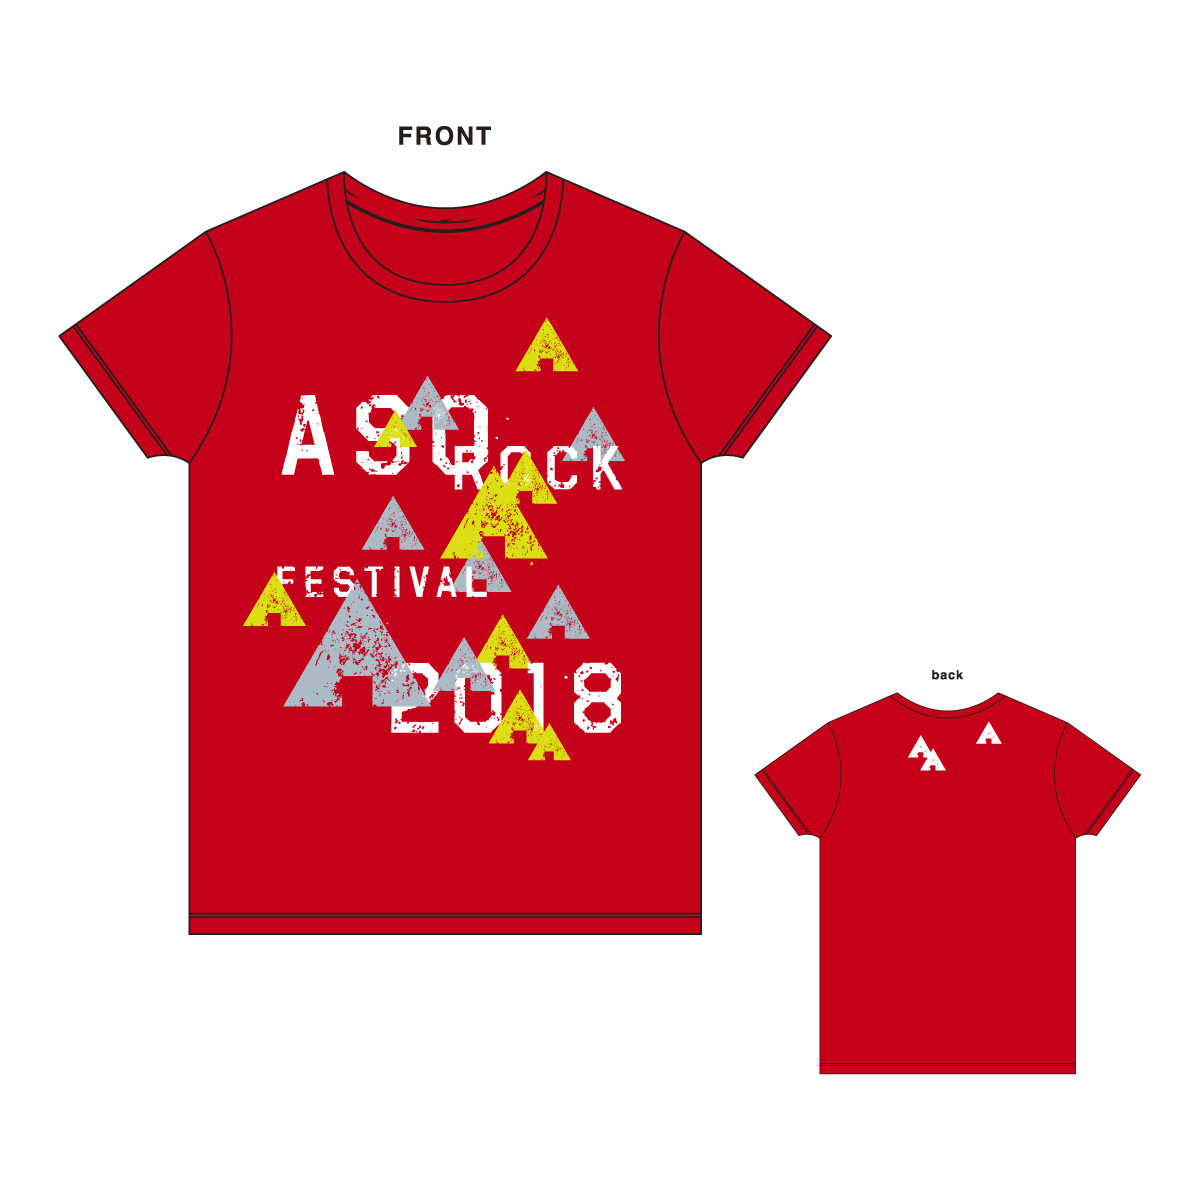 テントTシャツ(レッド)